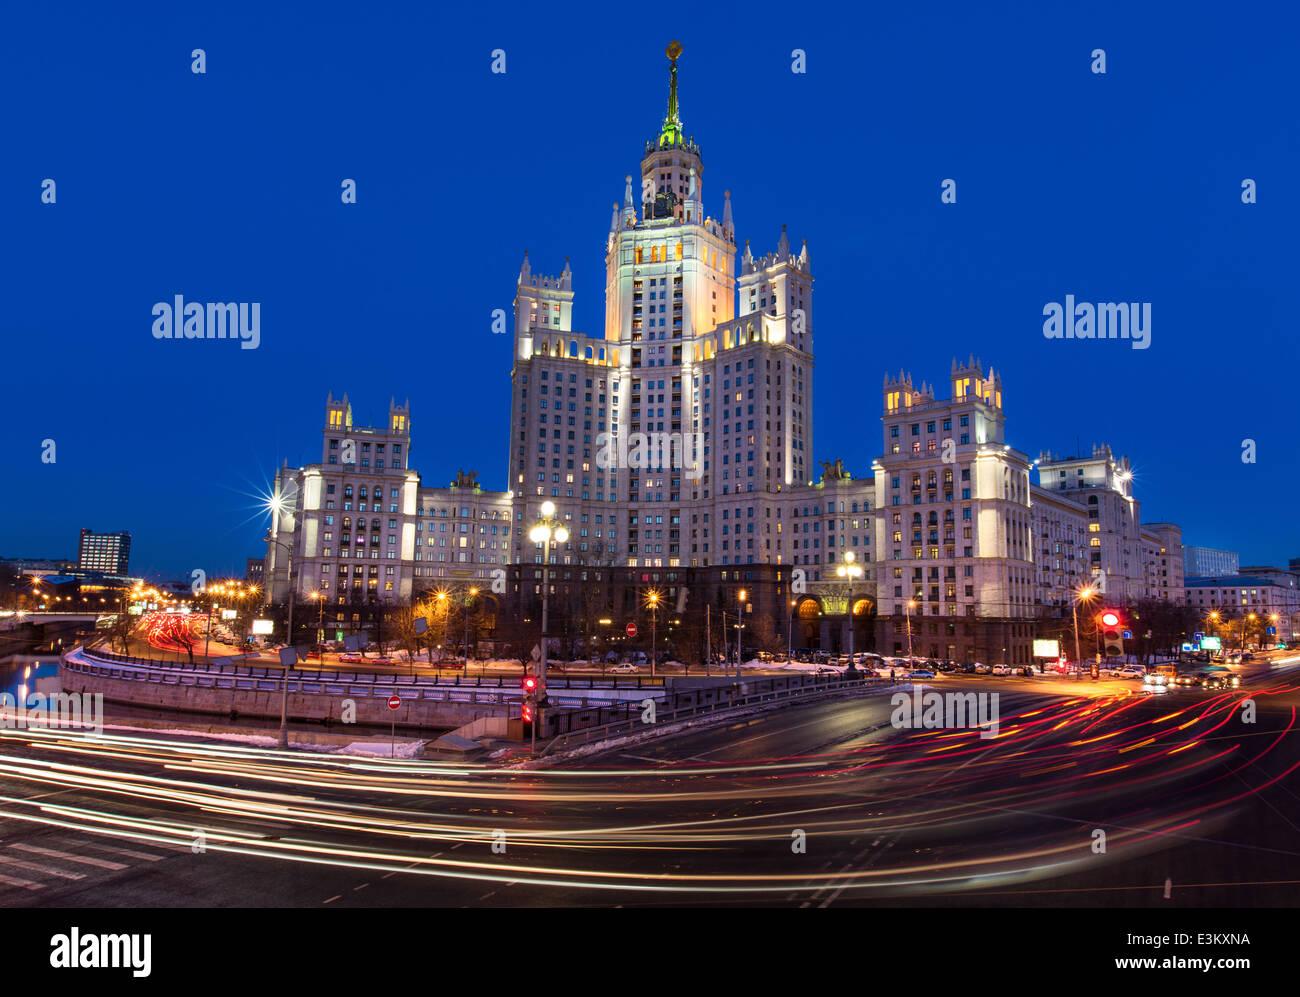 Vue nocturne de gratte-ciel de Staline à Kotelnicheskya située dans le centre de Moscou, Russie Photo Stock